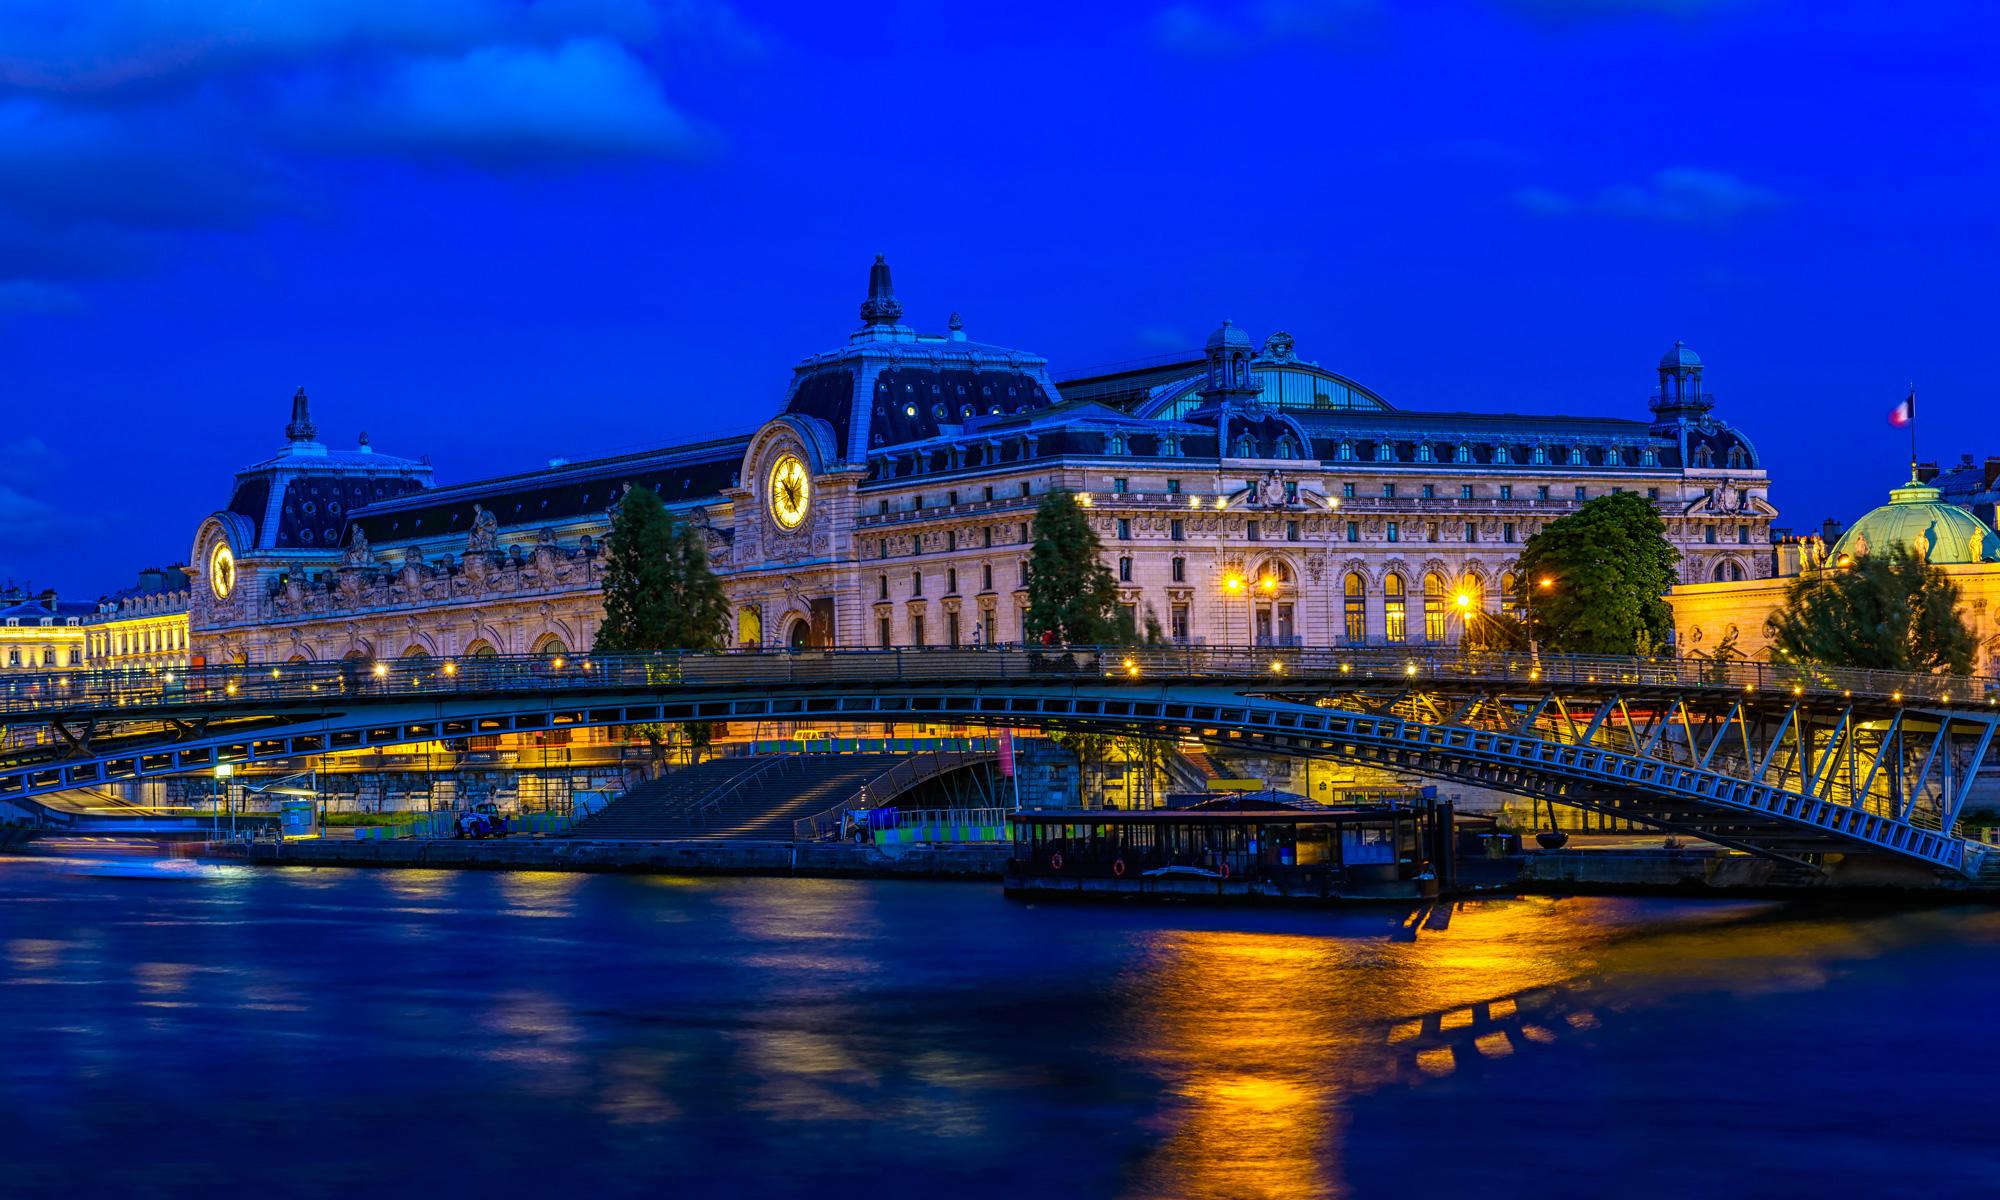 Le musée d'Orsay bleu et rose